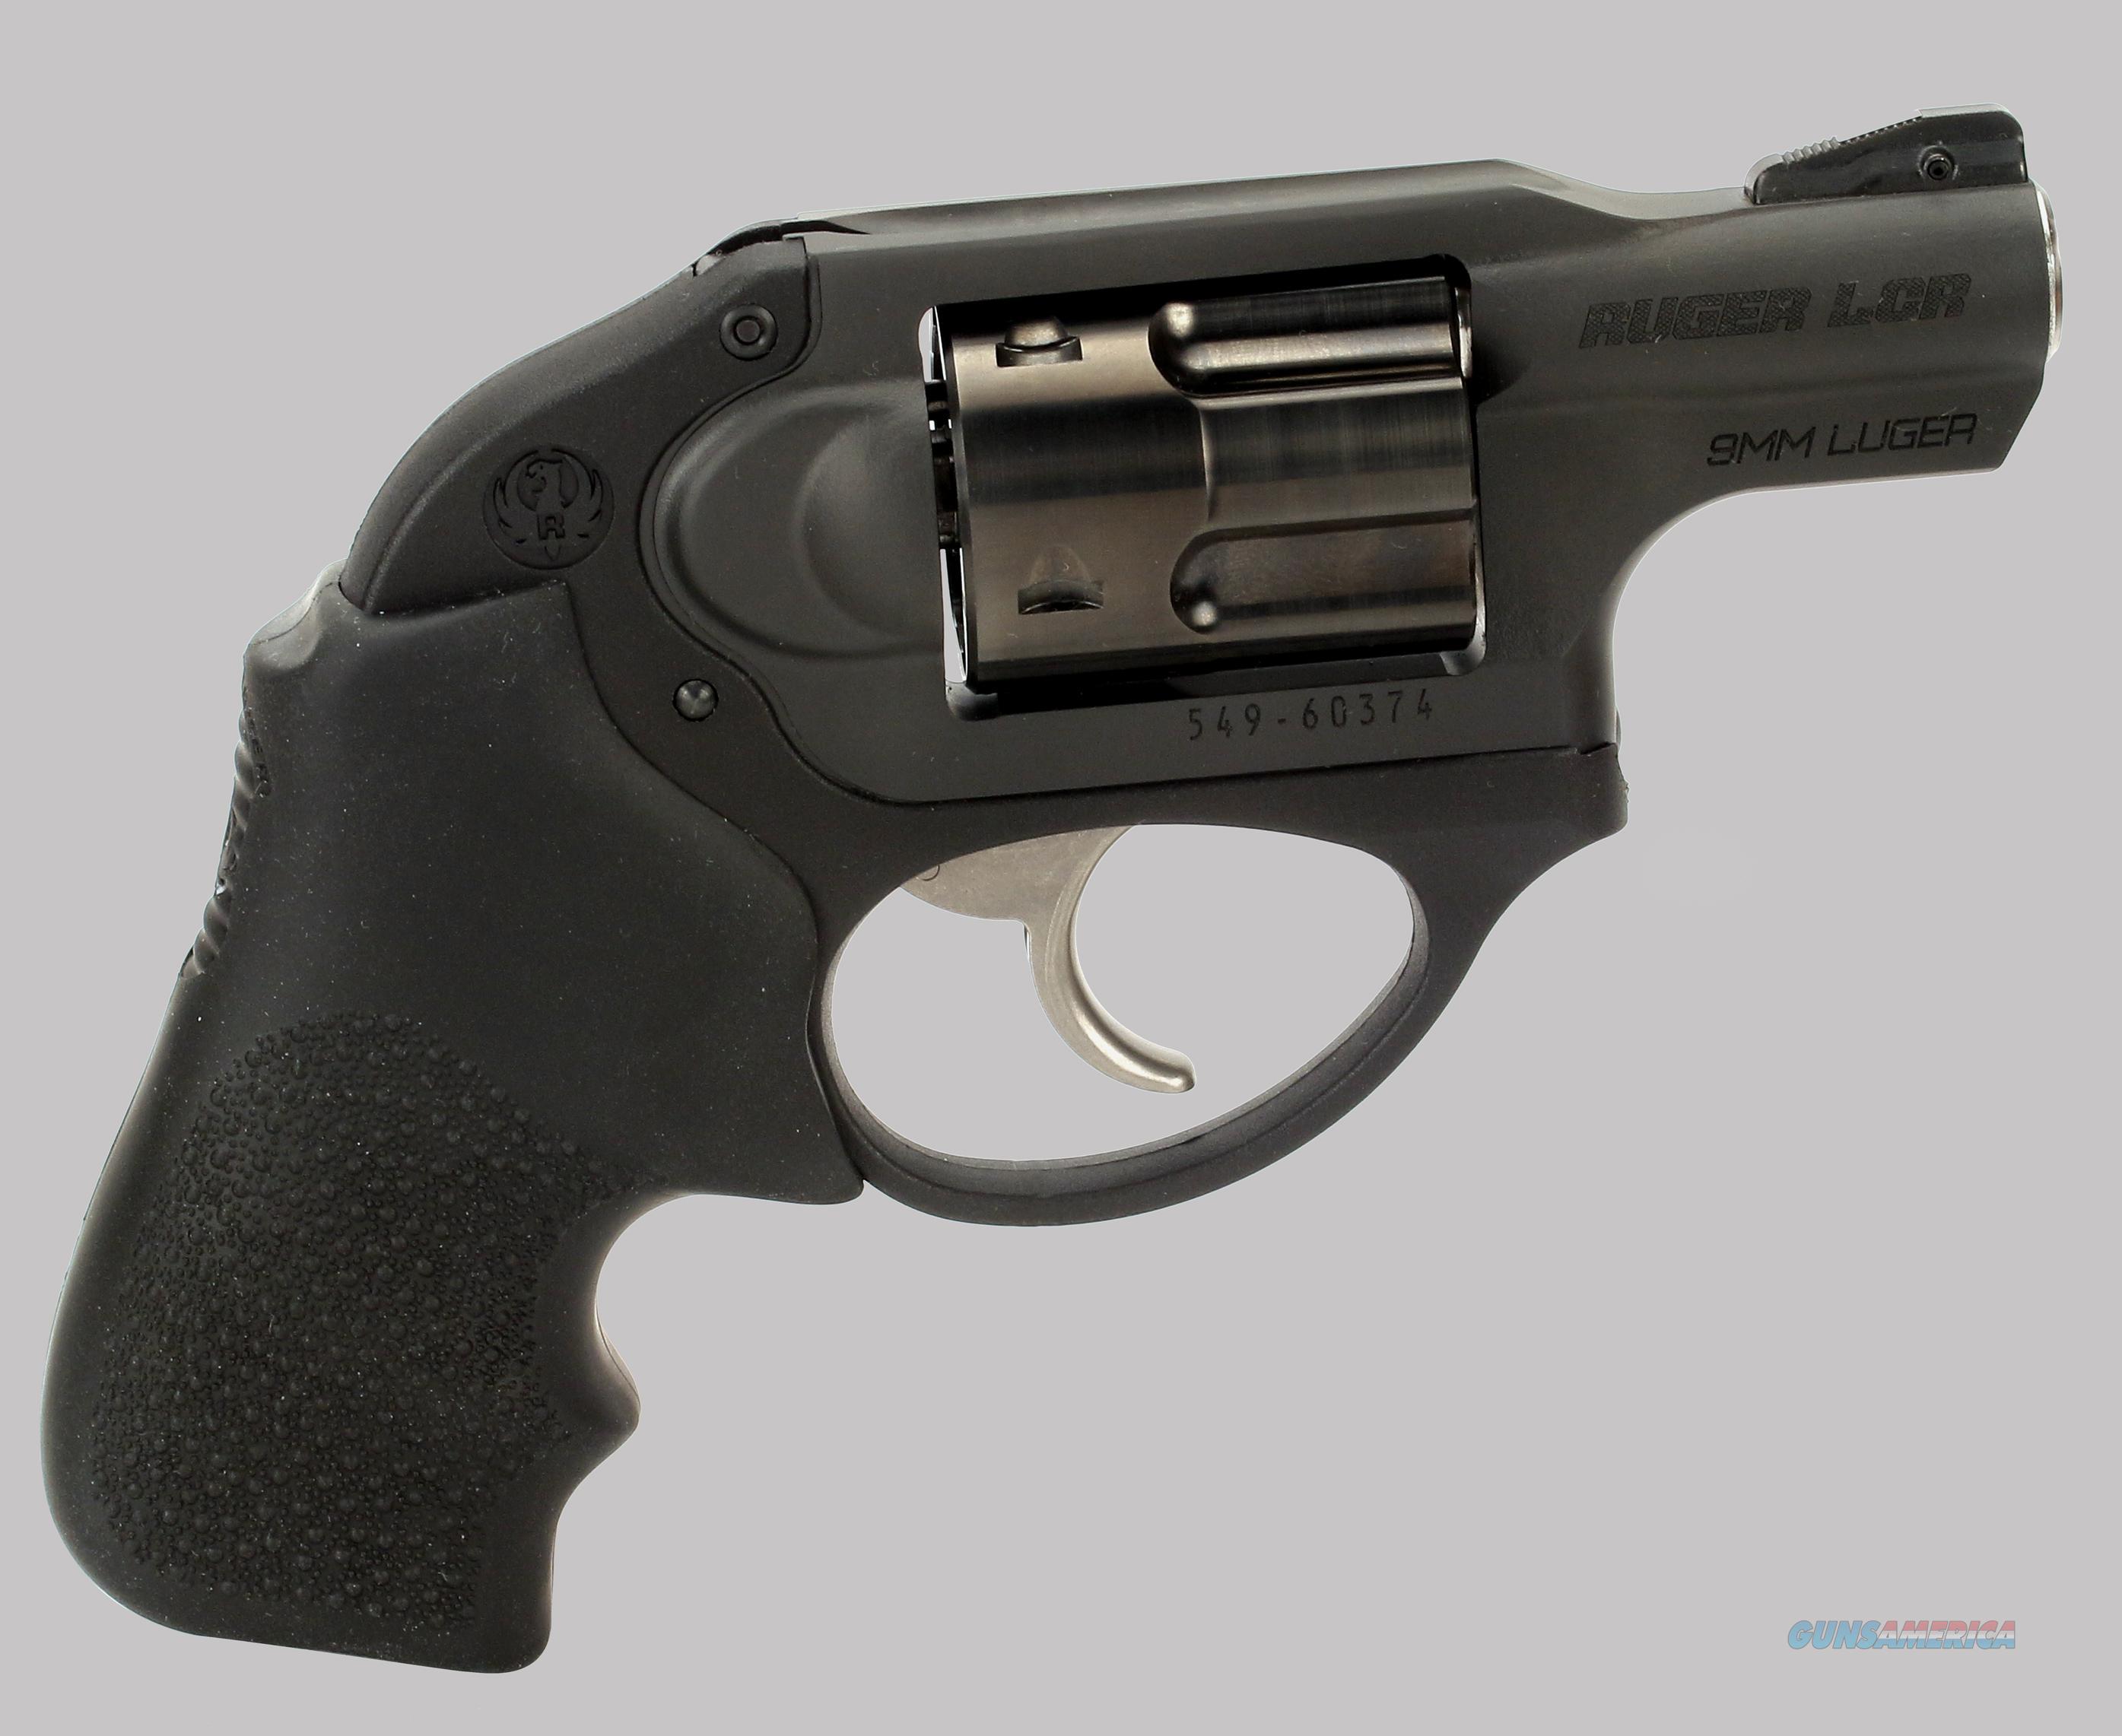 Ruger Revolver Model Lcr 9mm For Sale